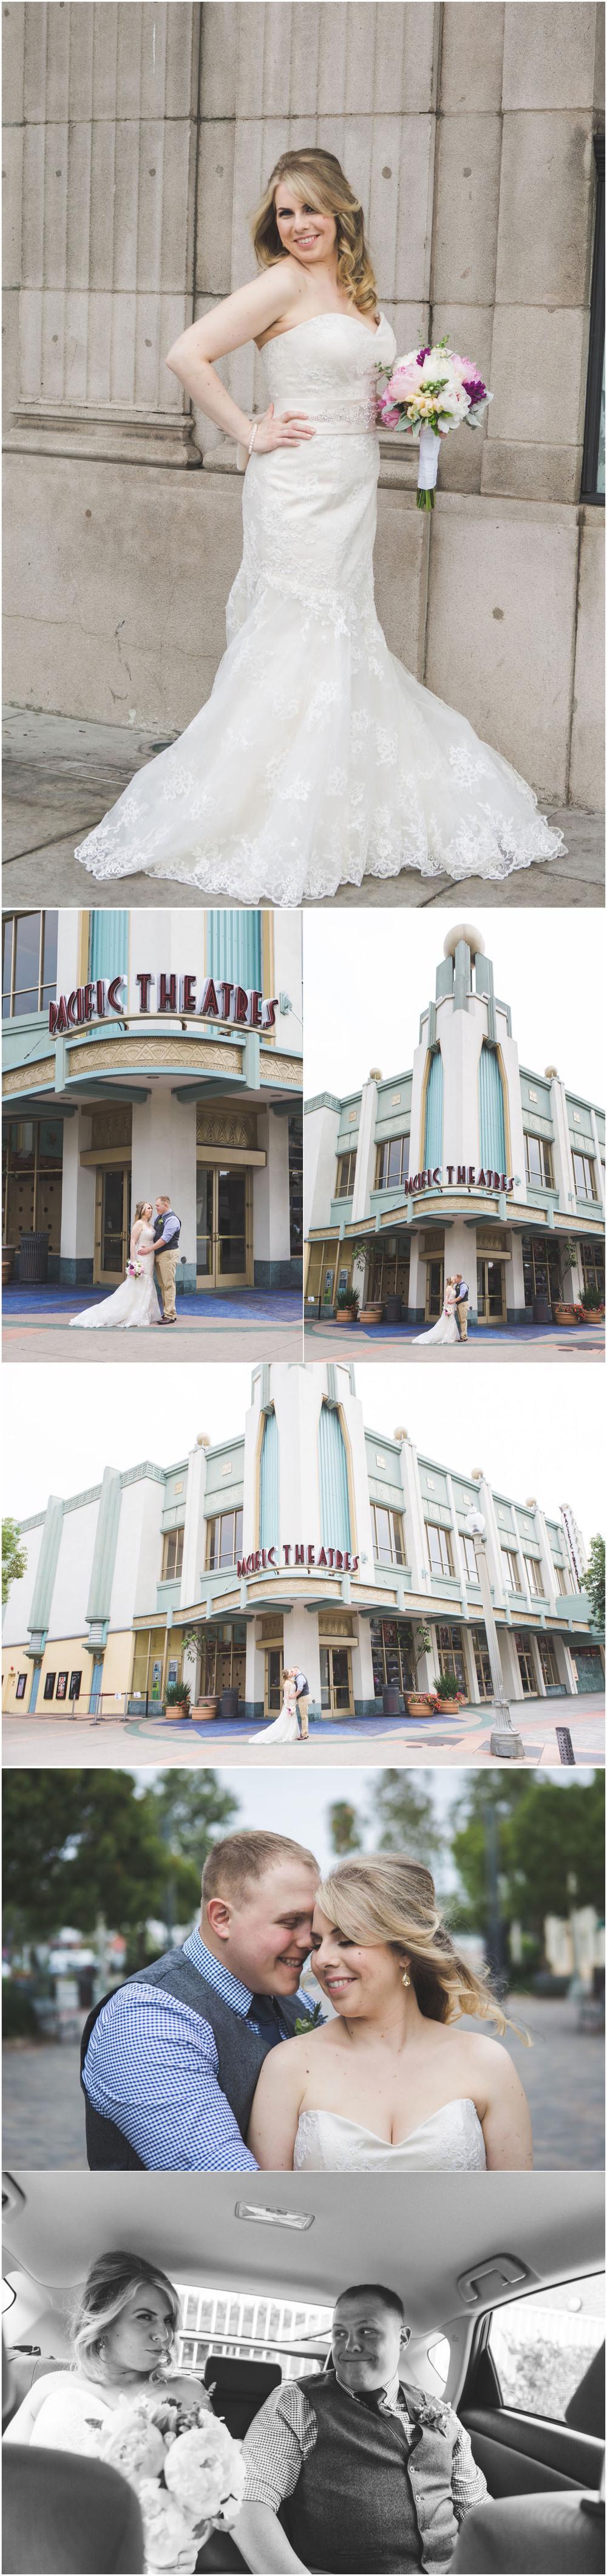 ashley vos photography seattle area wedding photographer courthouse wedding backyard wedding seattle washington_0111.jpg